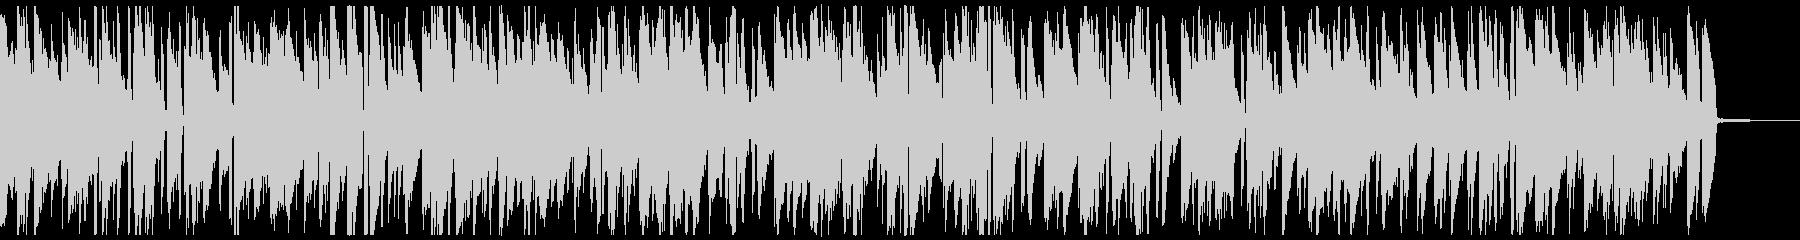 ピアノ・トリオNo.7/ワルツの未再生の波形